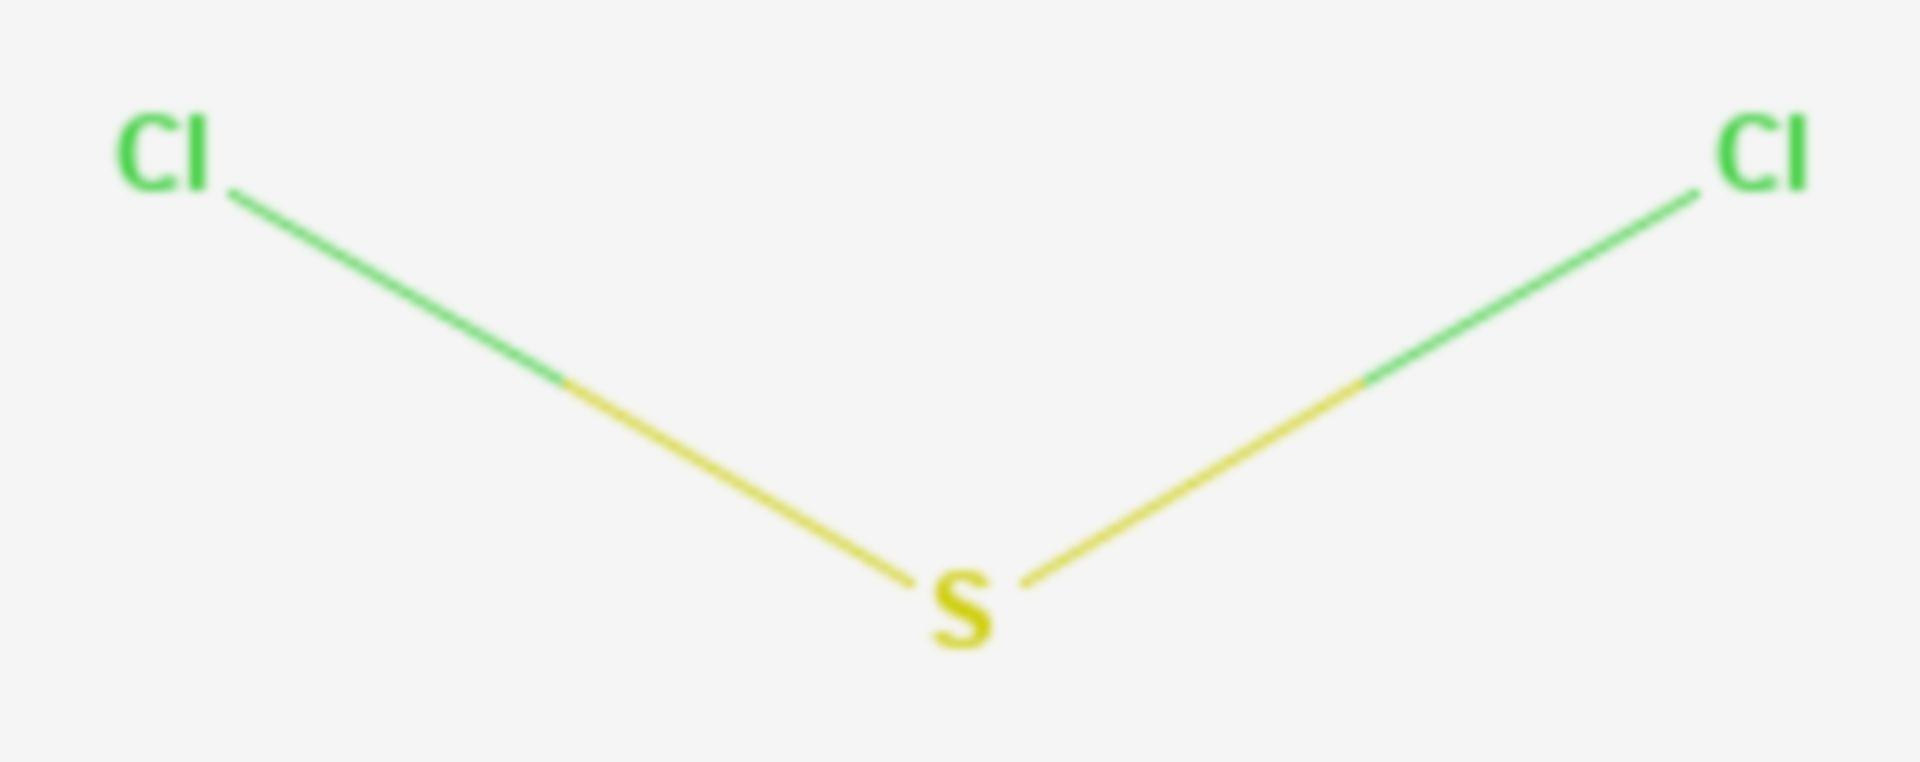 Schwefeldichlorid (Strukturformel)